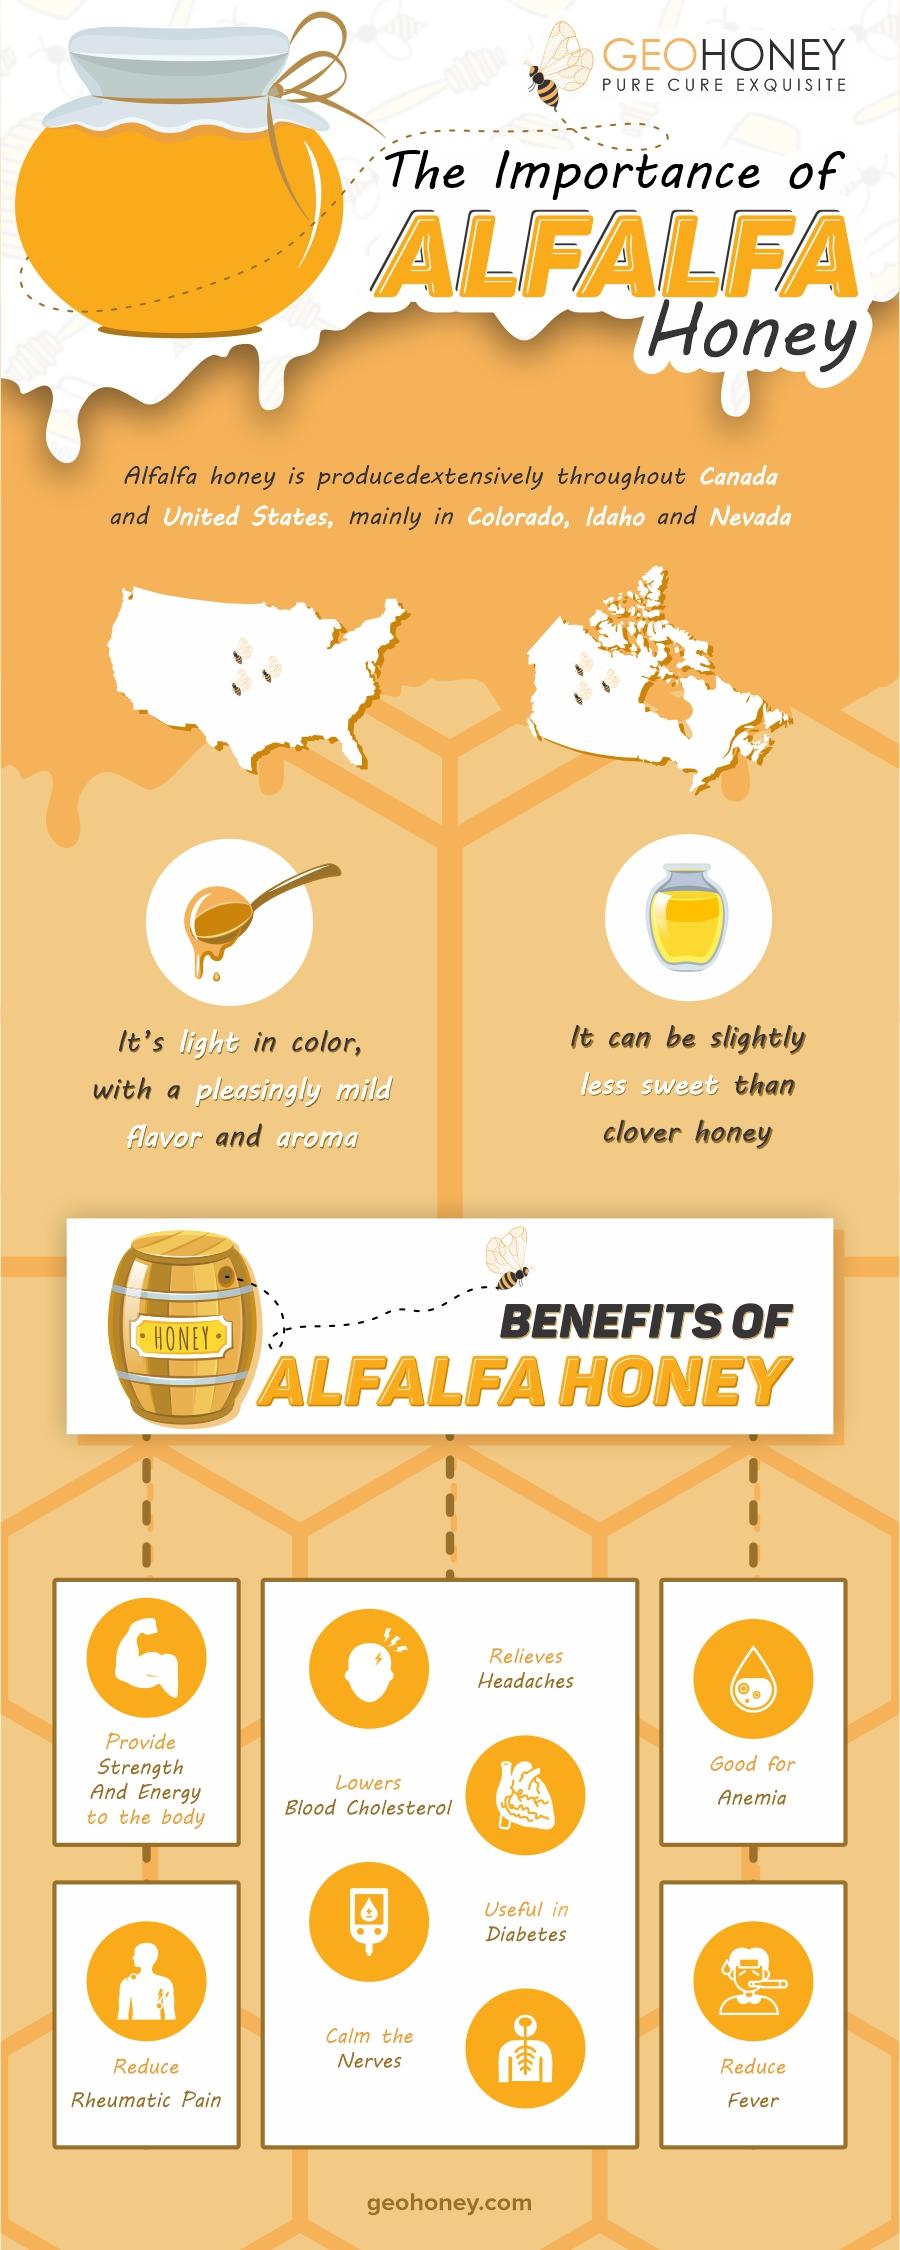 Alfalfa Honey - Geohoney